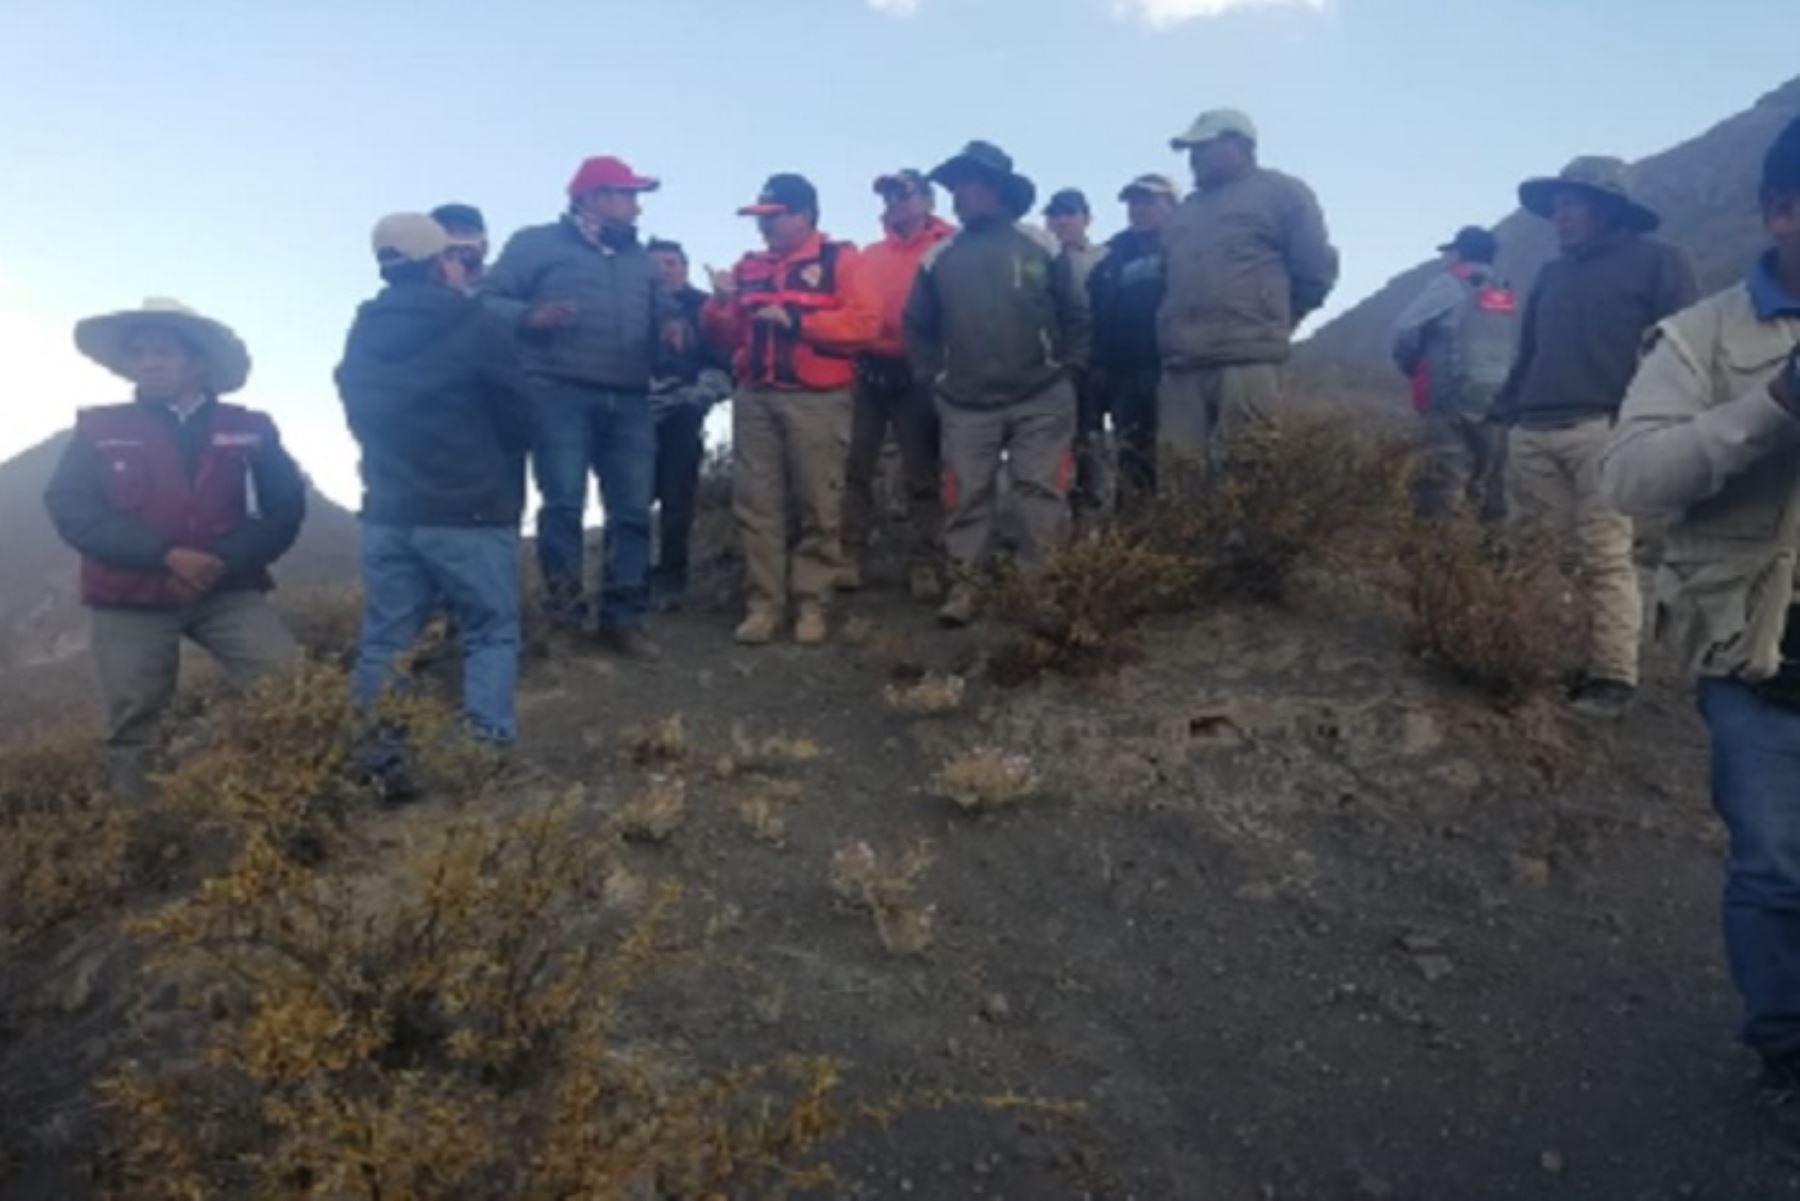 Vivienda de emergencia enviarán para afectados por explosiones del volcán Ubinas